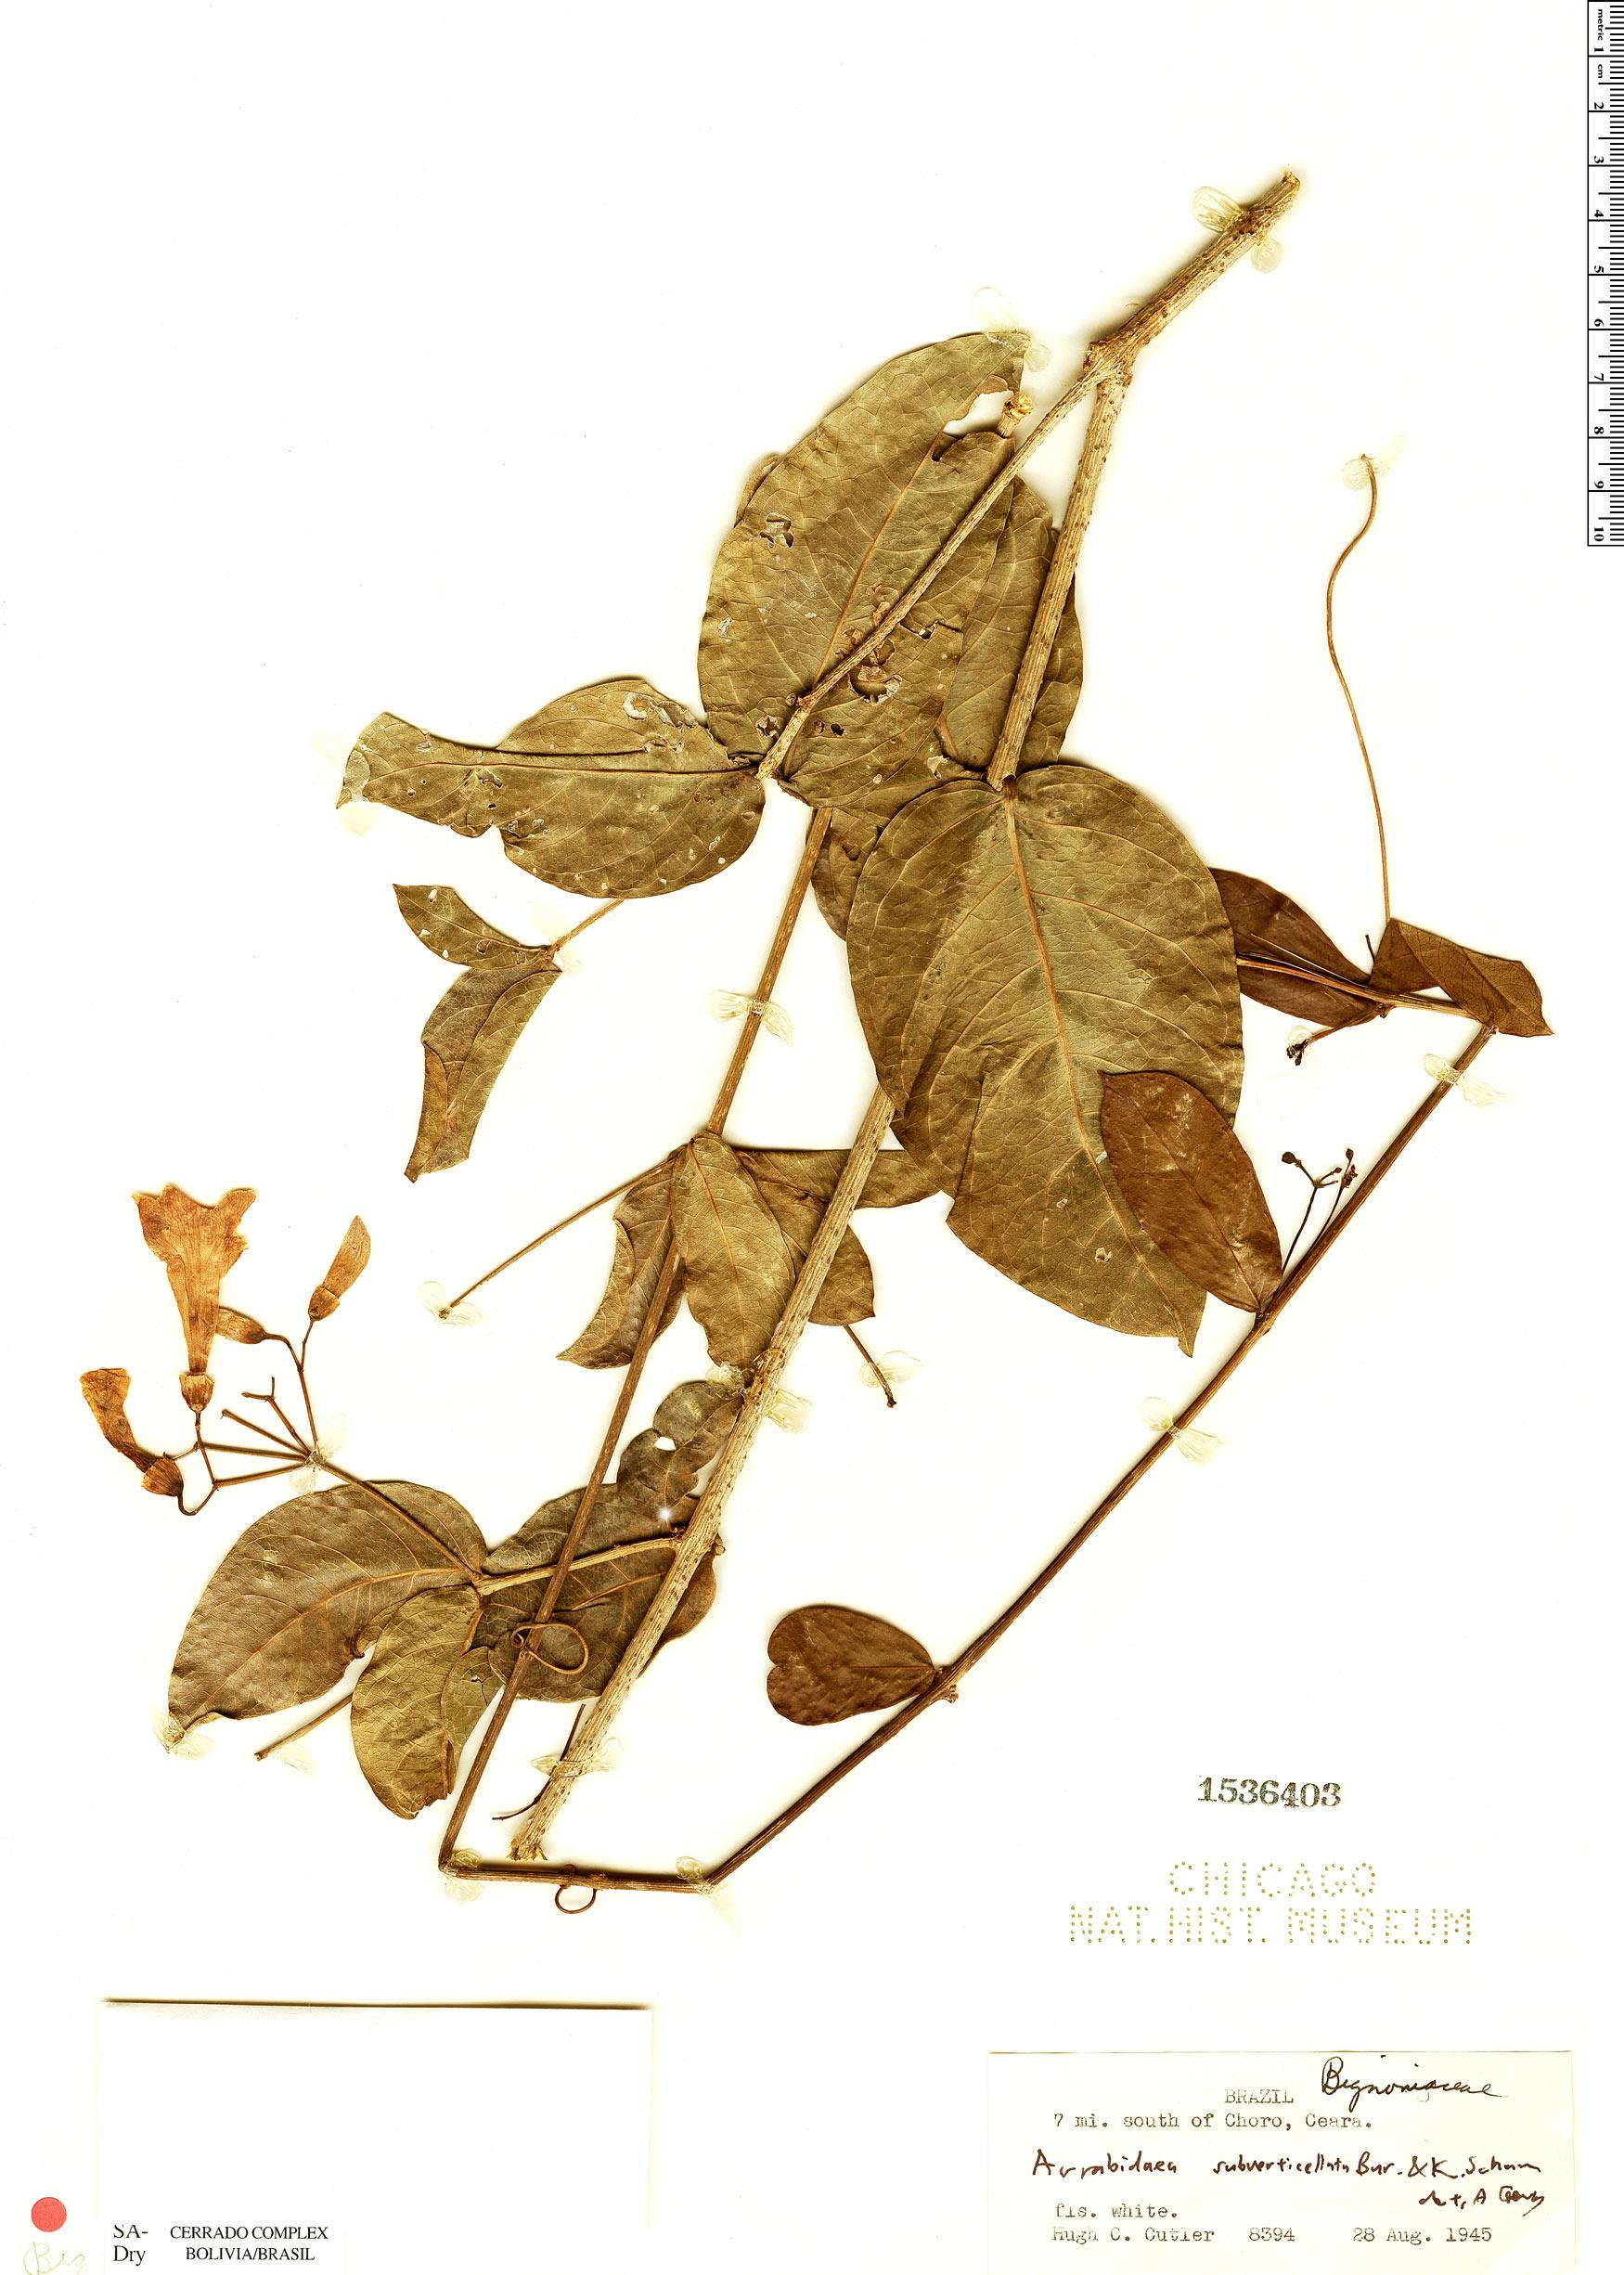 Specimen: Fridericia subverticillata